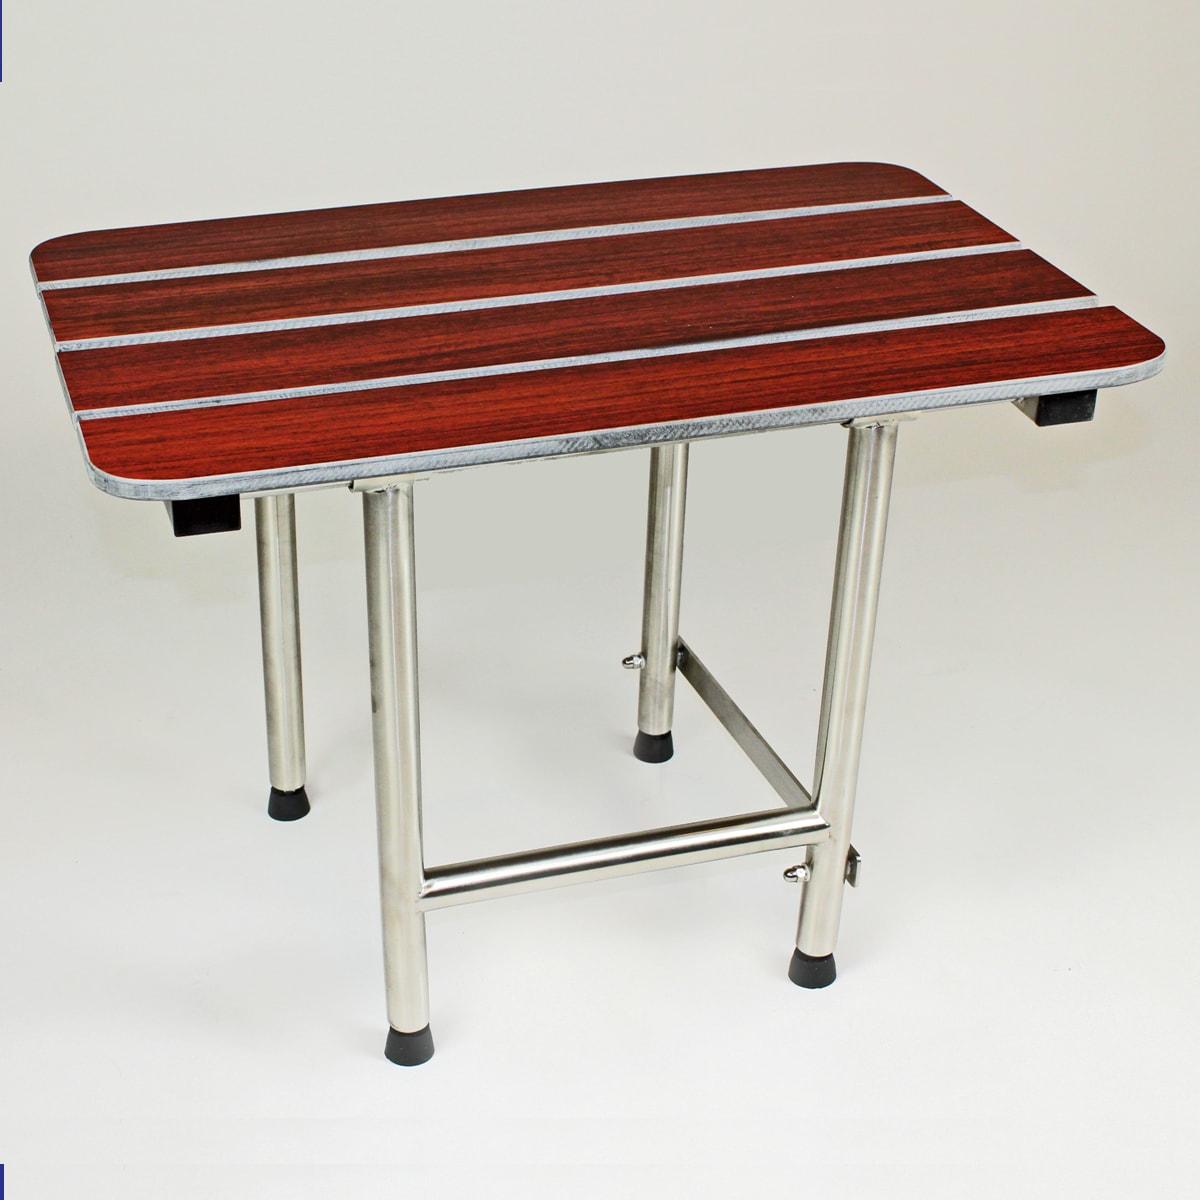 Shop CSI Bathware 22-inch Rectangular Phenolic Wood Shower Seat ...